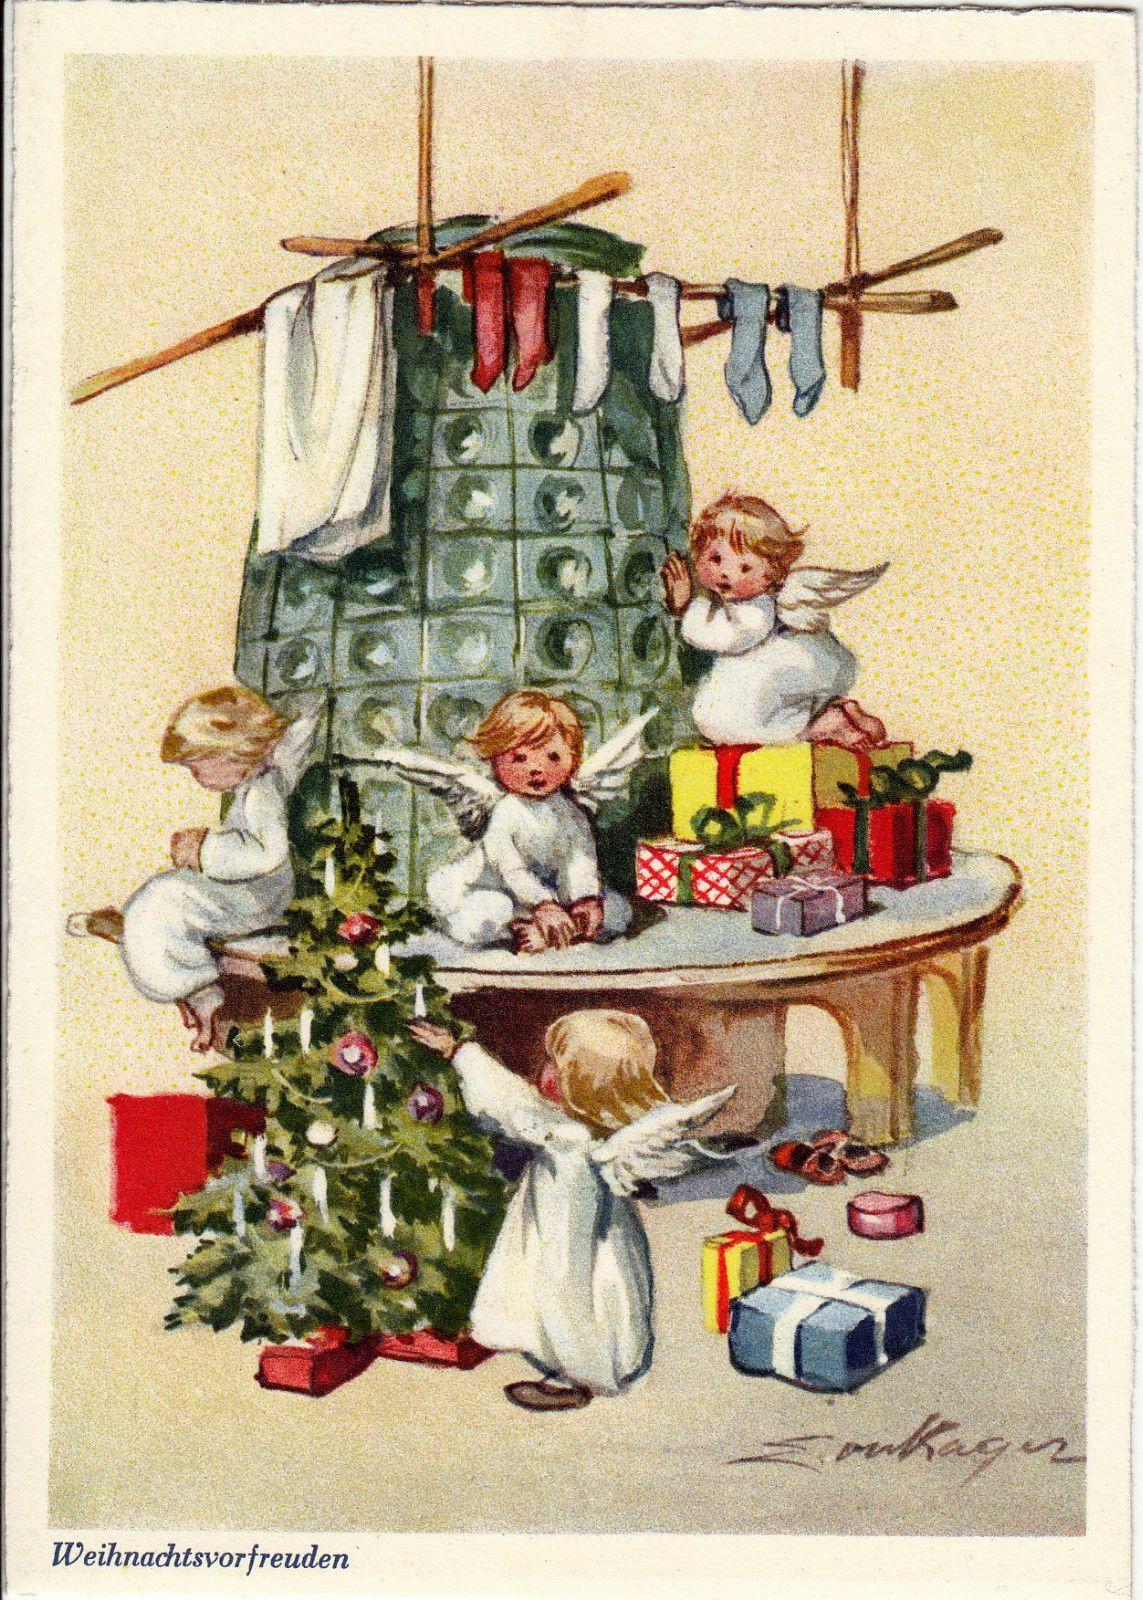 Ak weihnachten e kager engelchen mit geschenken am warmen ofen ca 1960 ebay christmas - Weihnachtskarten bilder ...